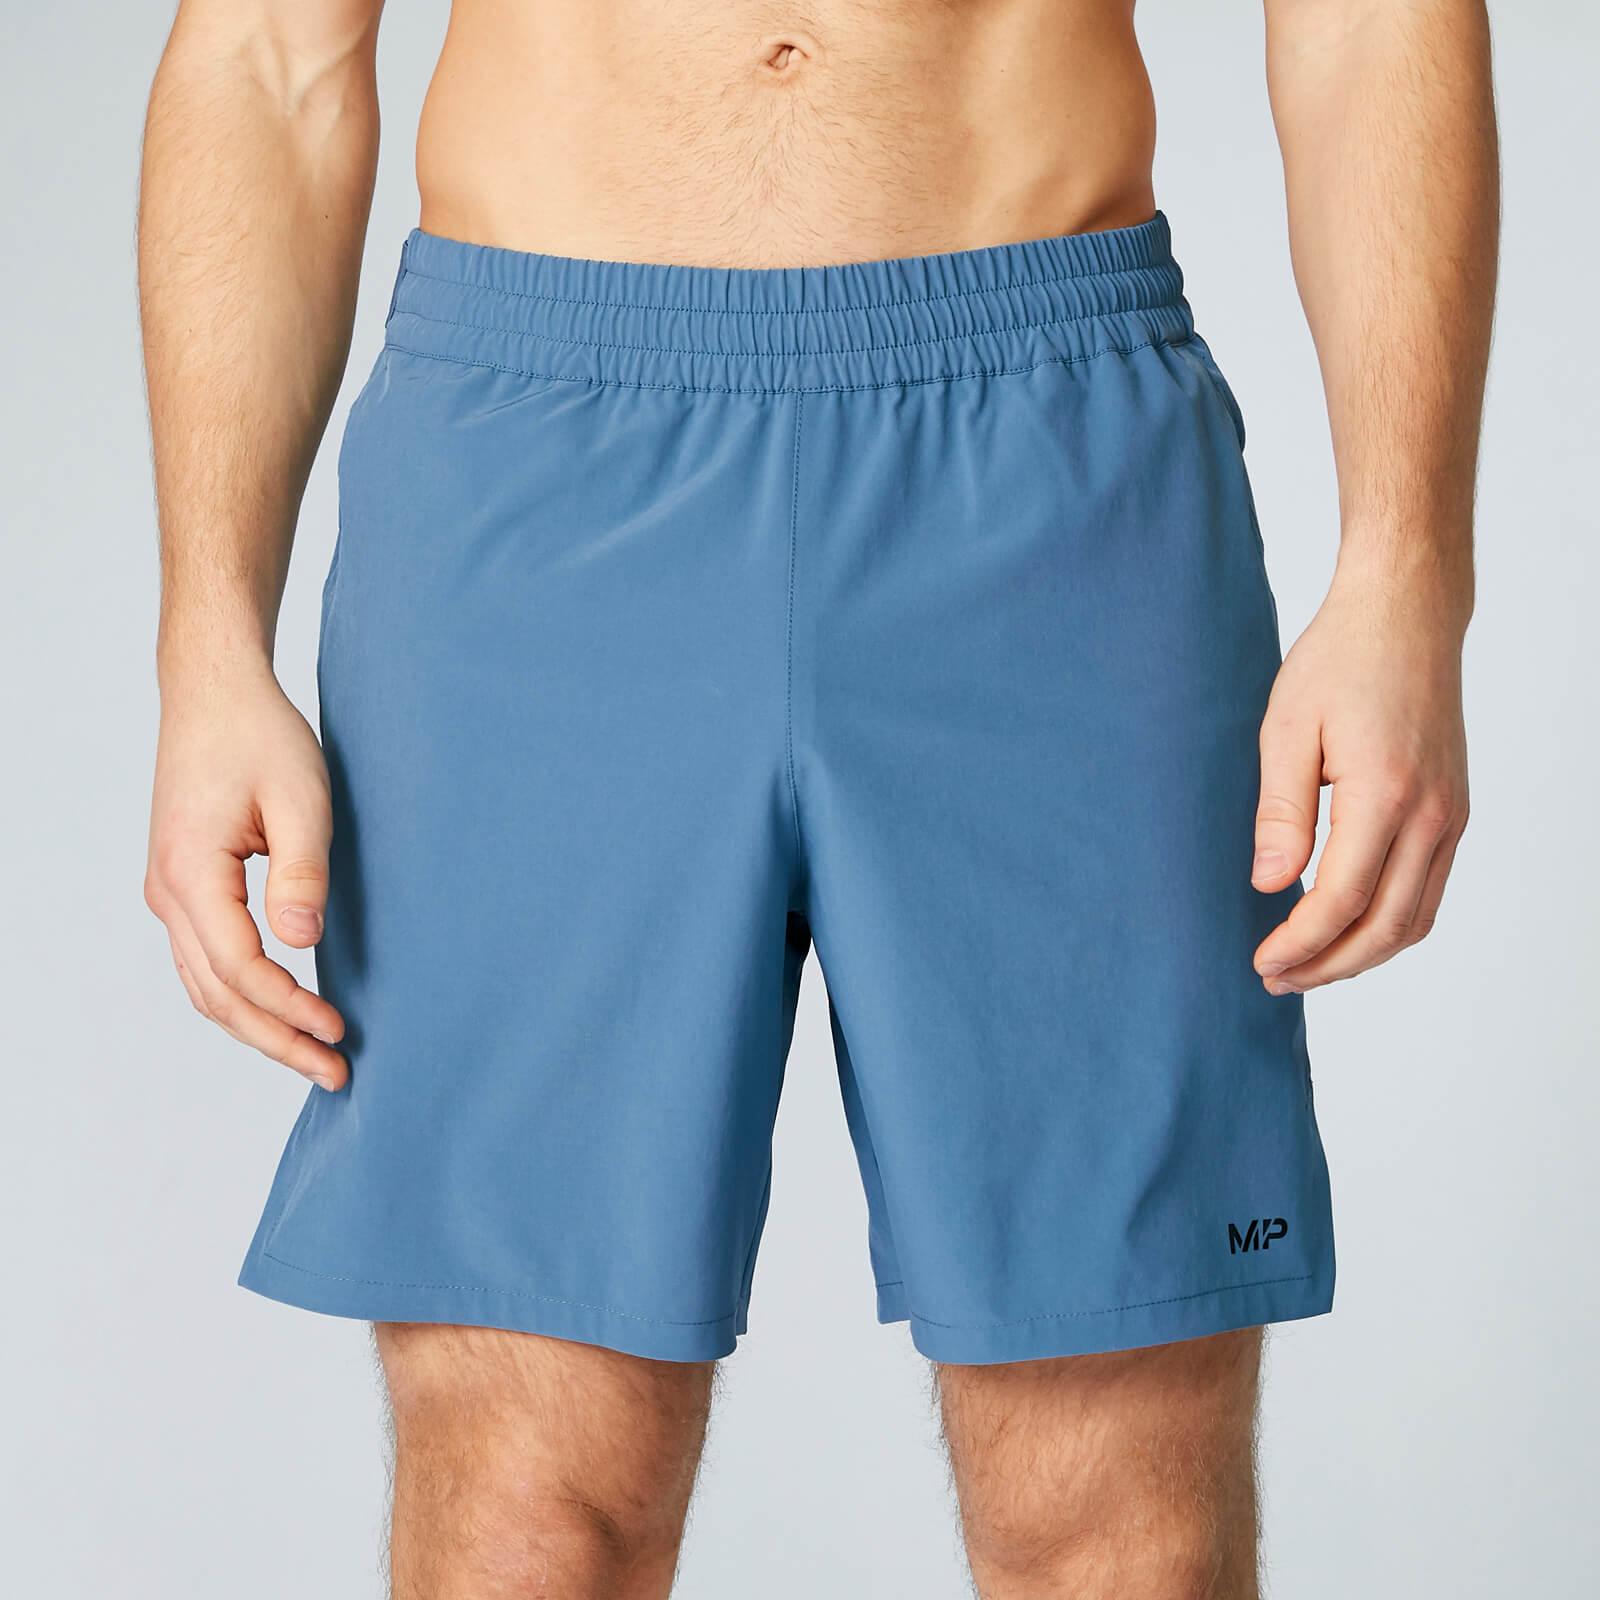 Myprotein Sprint 7 Inch Shorts - Legion Blue - L